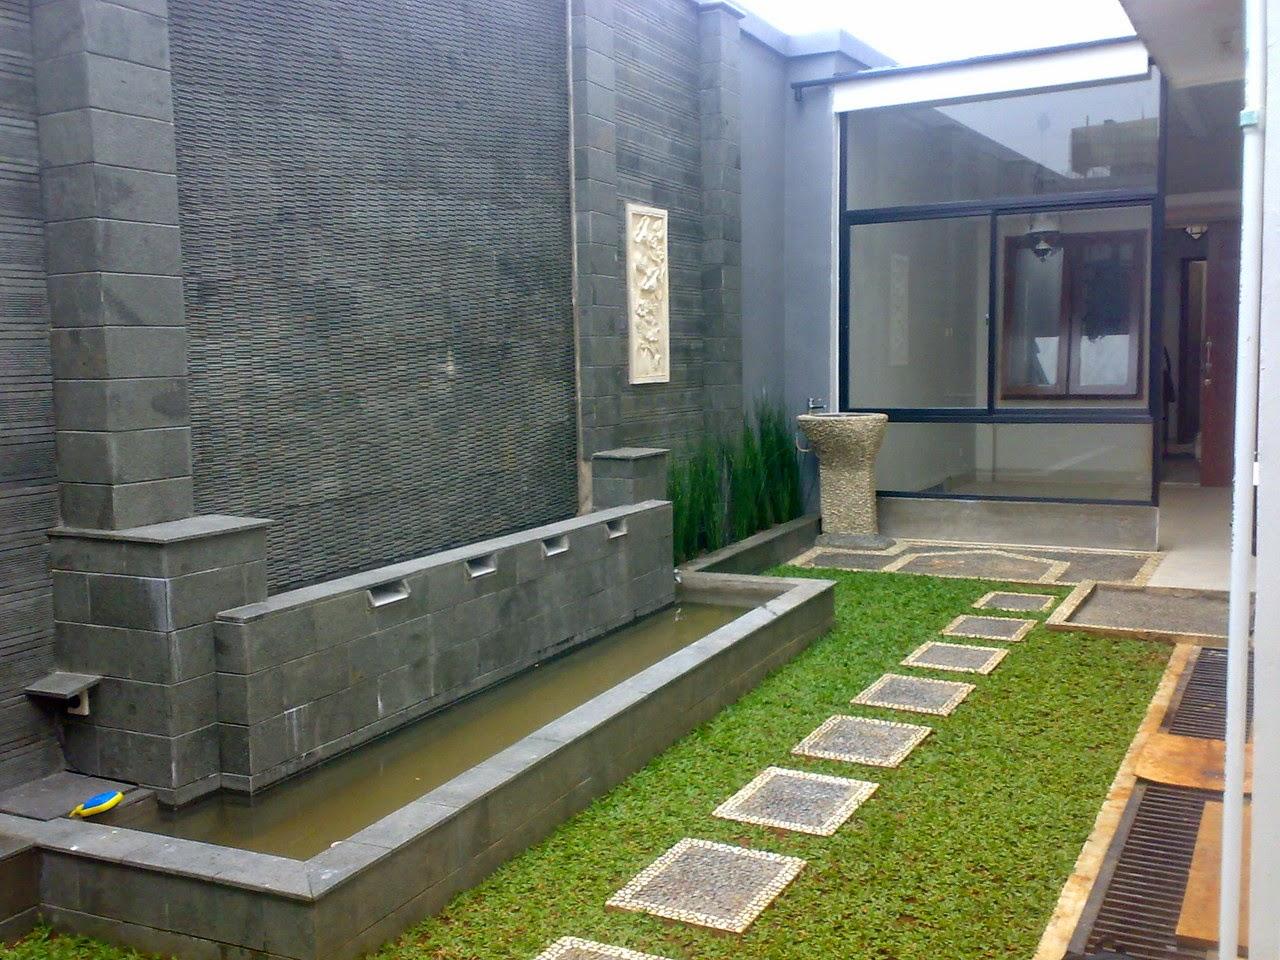 Contoh Desain Taman Minimalis Depan Rumah 2015 Tukang Taman Murah